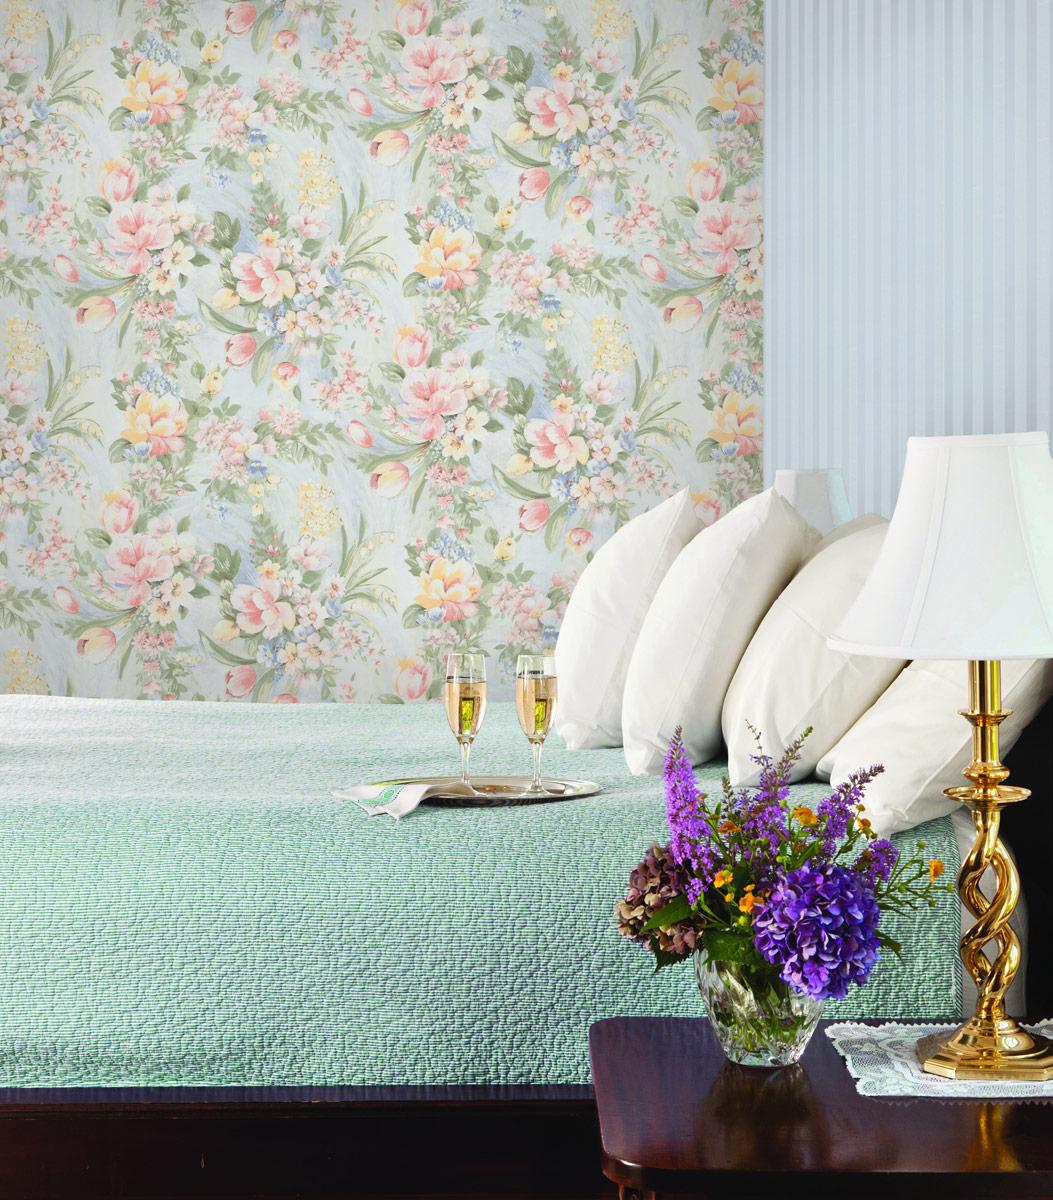 Фото обоев для спален зеленых оттенков